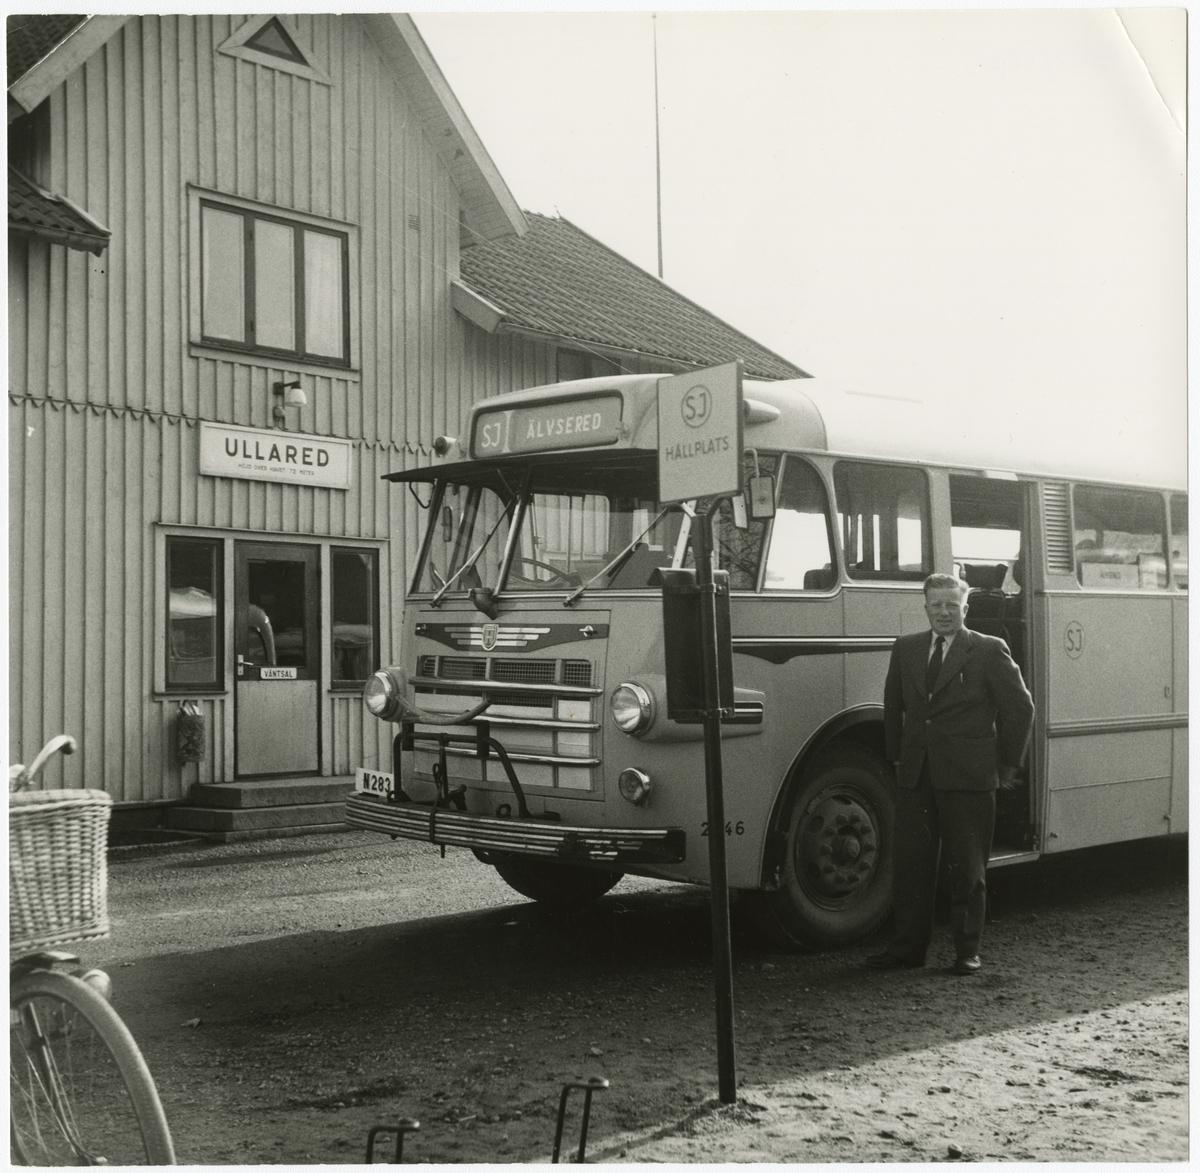 Ullared station 1959 från vägen med SJ buss, registreringsnummer N283, och förare.